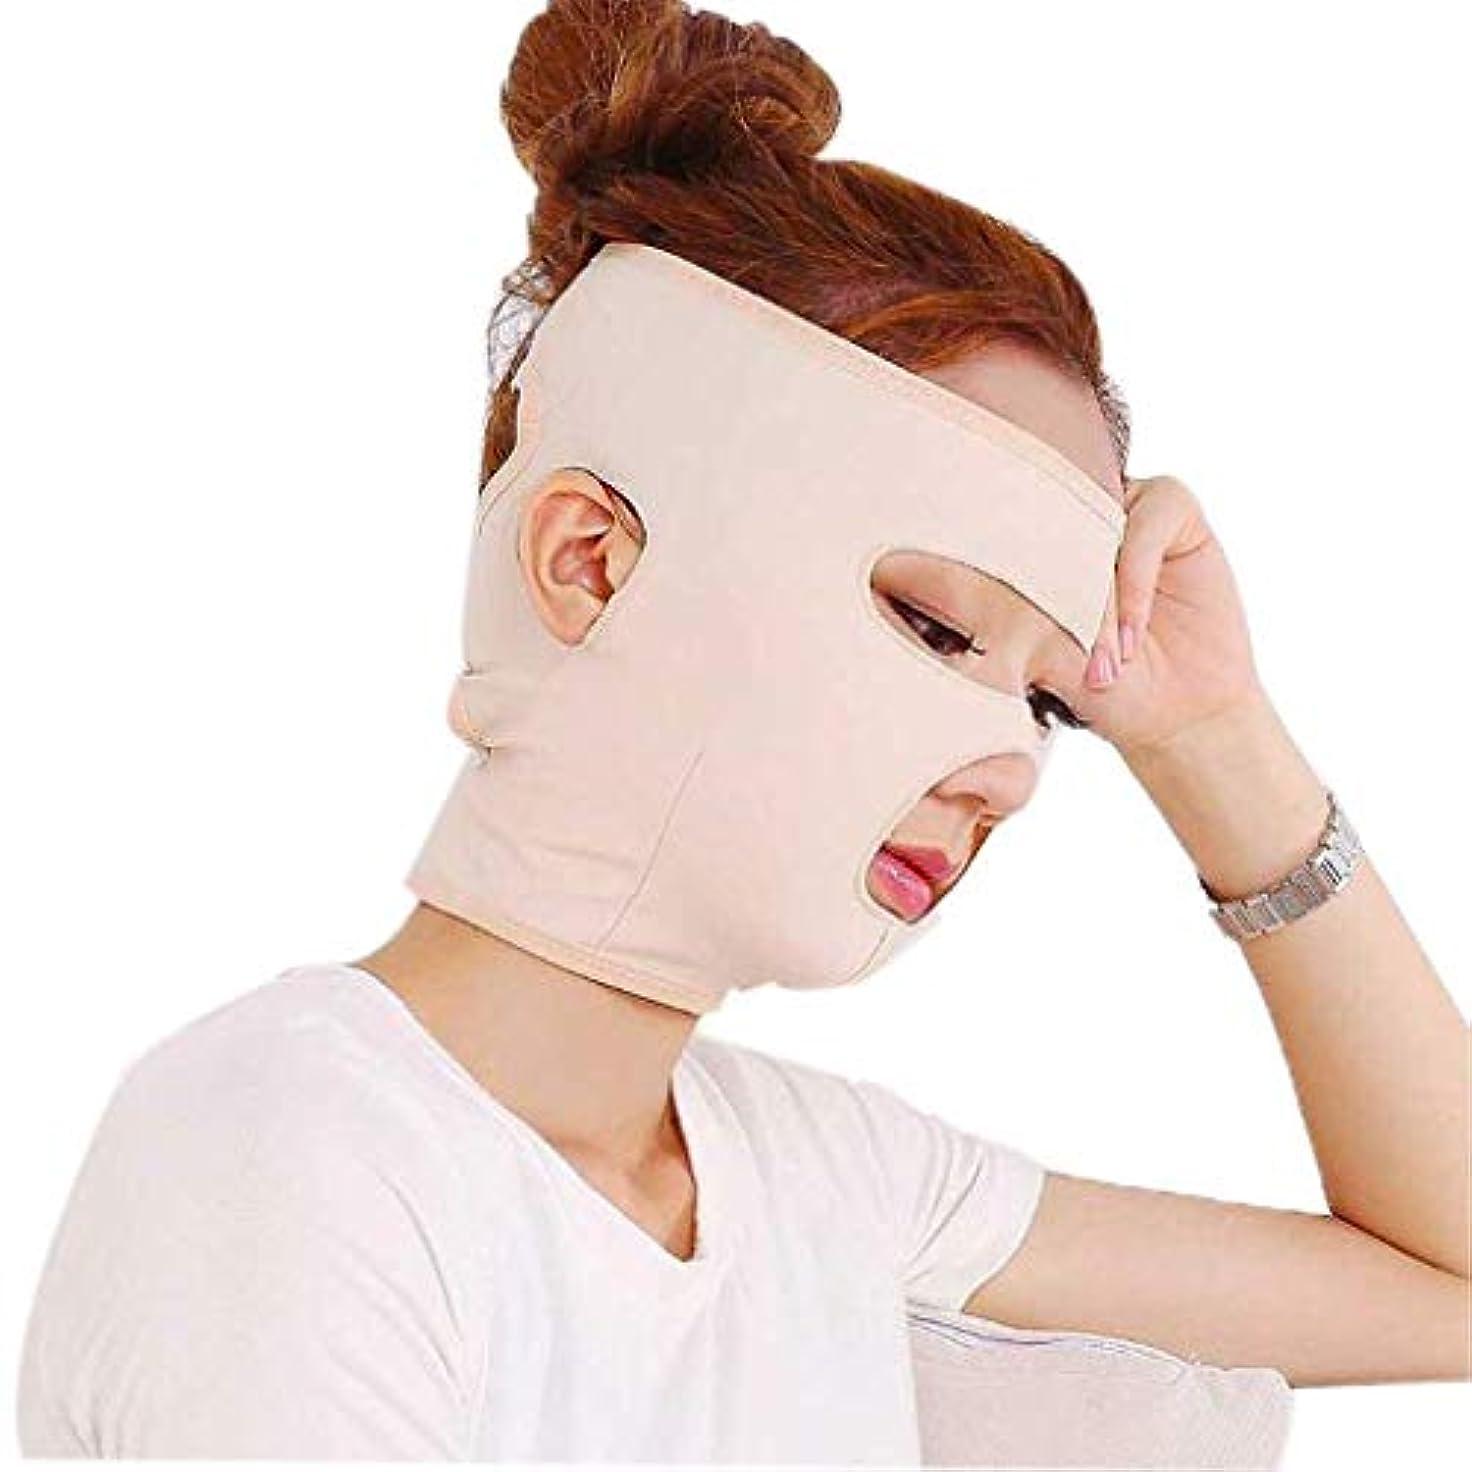 うなずくモスクびんフェイスリフティングマスク、フルフェイス通気性の術後回復包帯リフティング引き締め肌の減少により小さなVフェイスマスクを作成(サイズ:L)